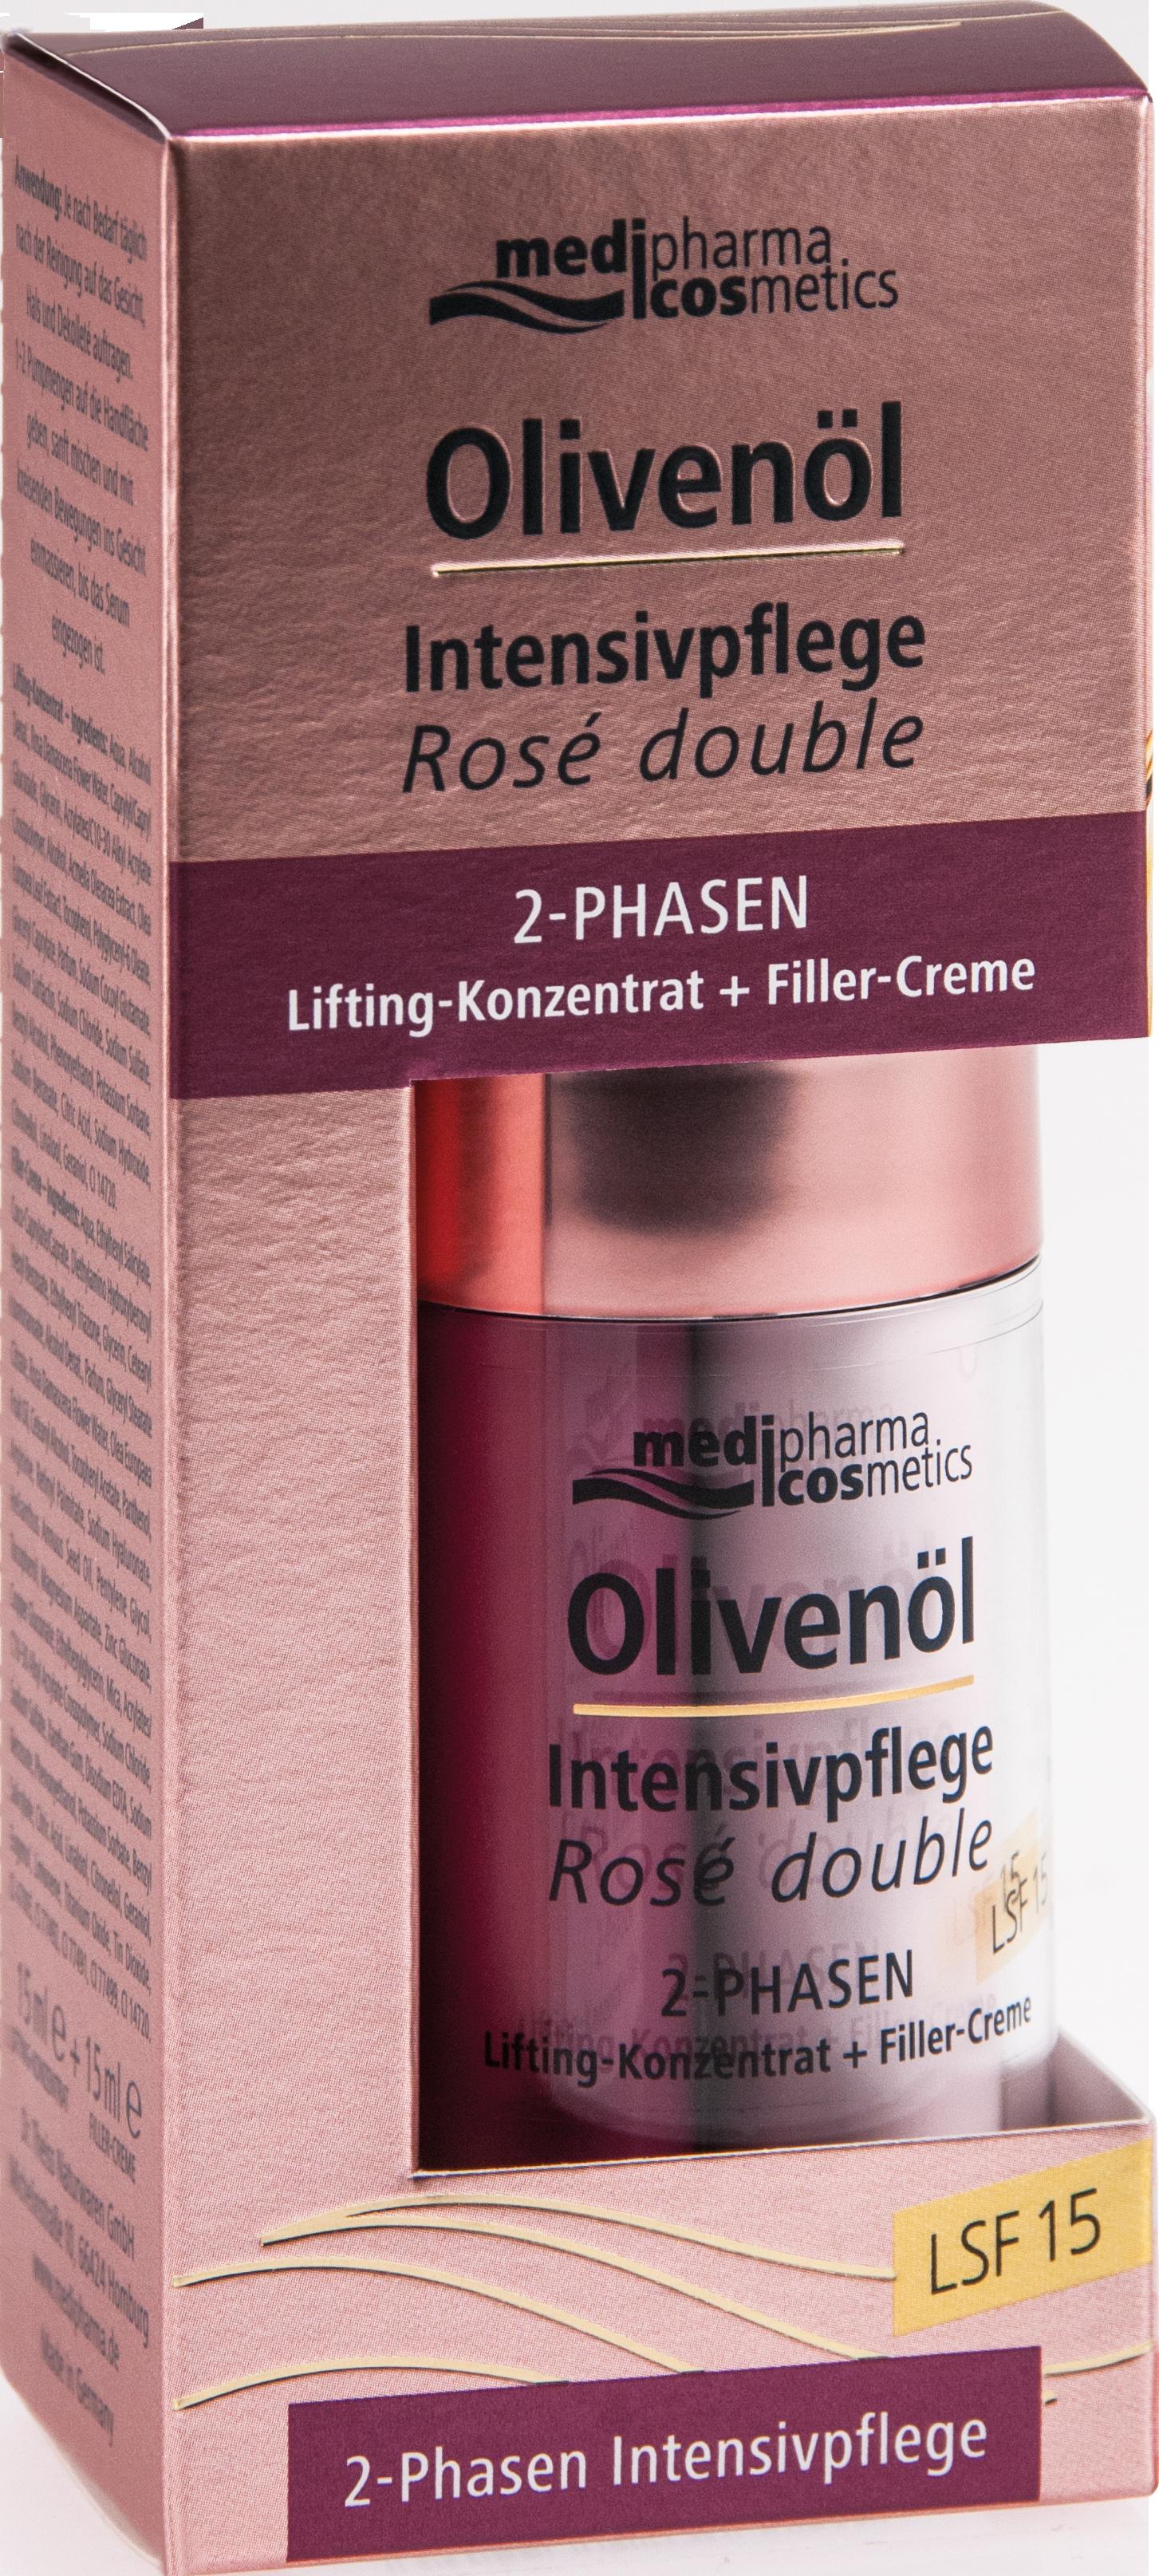 Olivenöl Intensivpflege Rose double